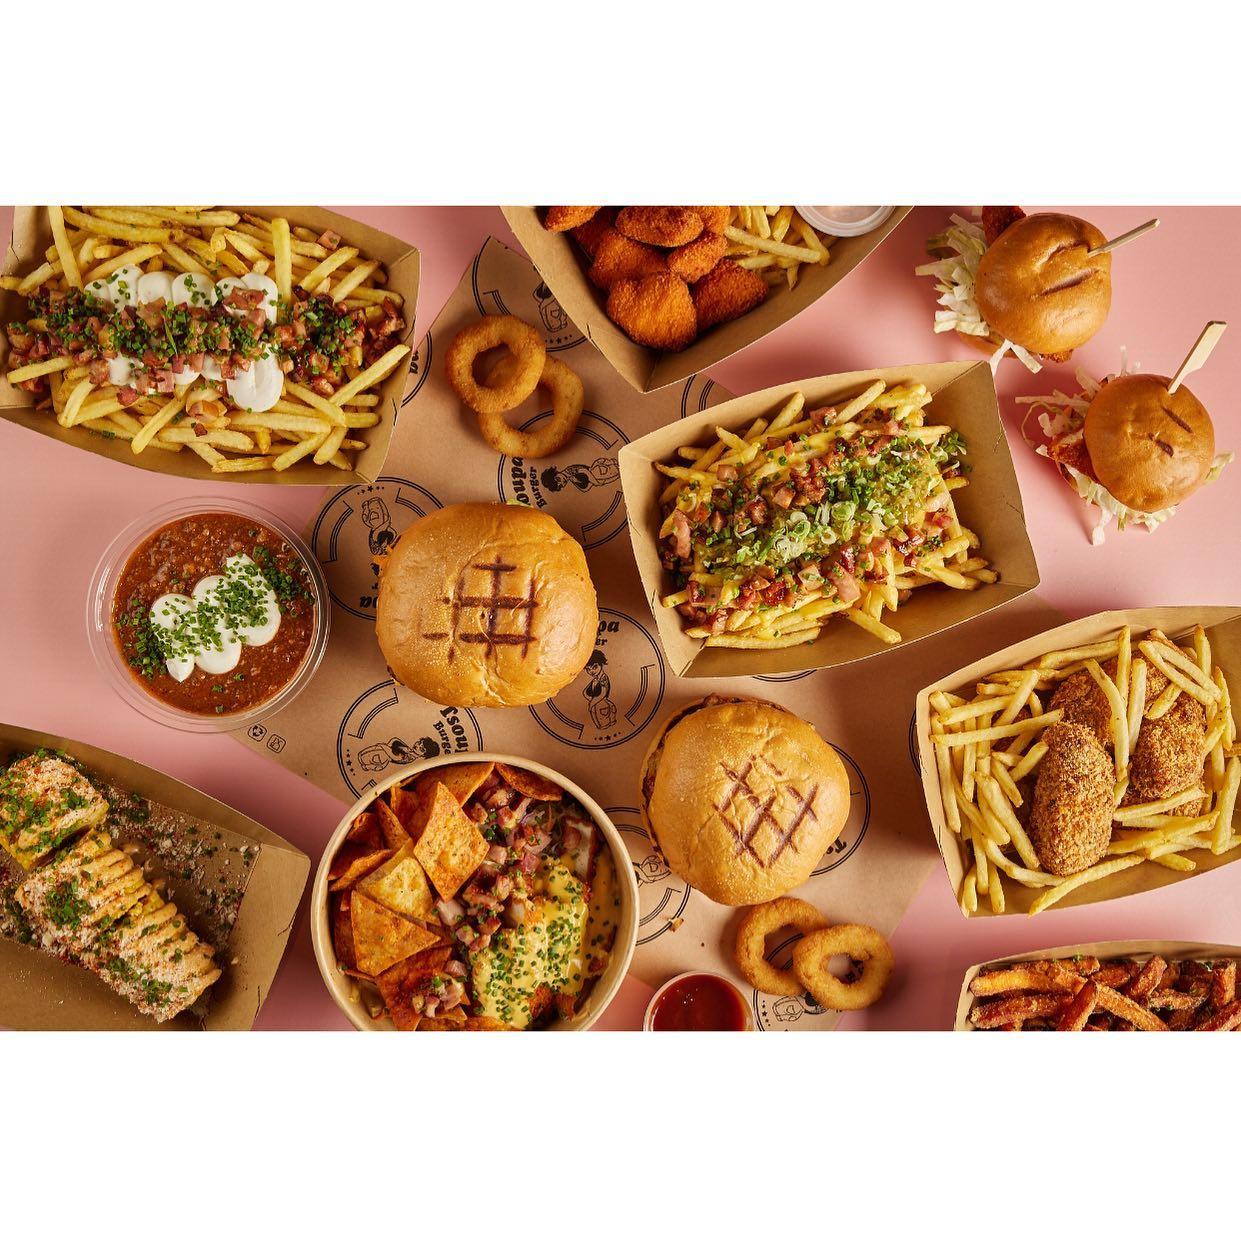 Στο «Tsoupa Burger» θα βρεις τα πιο....τσουπωτά burgers και όχι μόνο